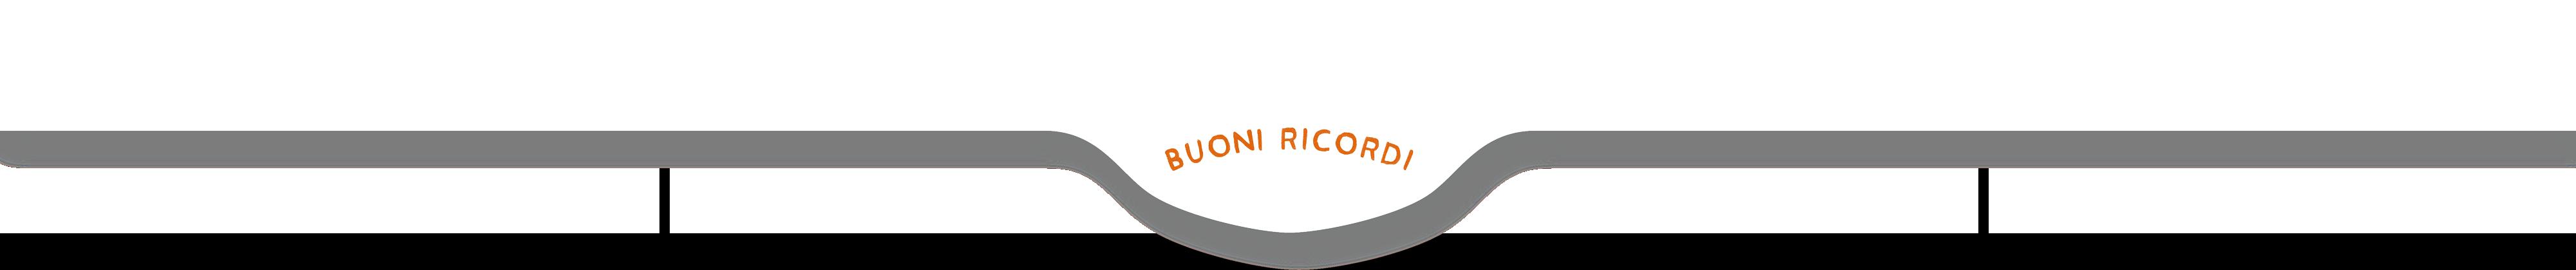 buoni-ricordi-header-new